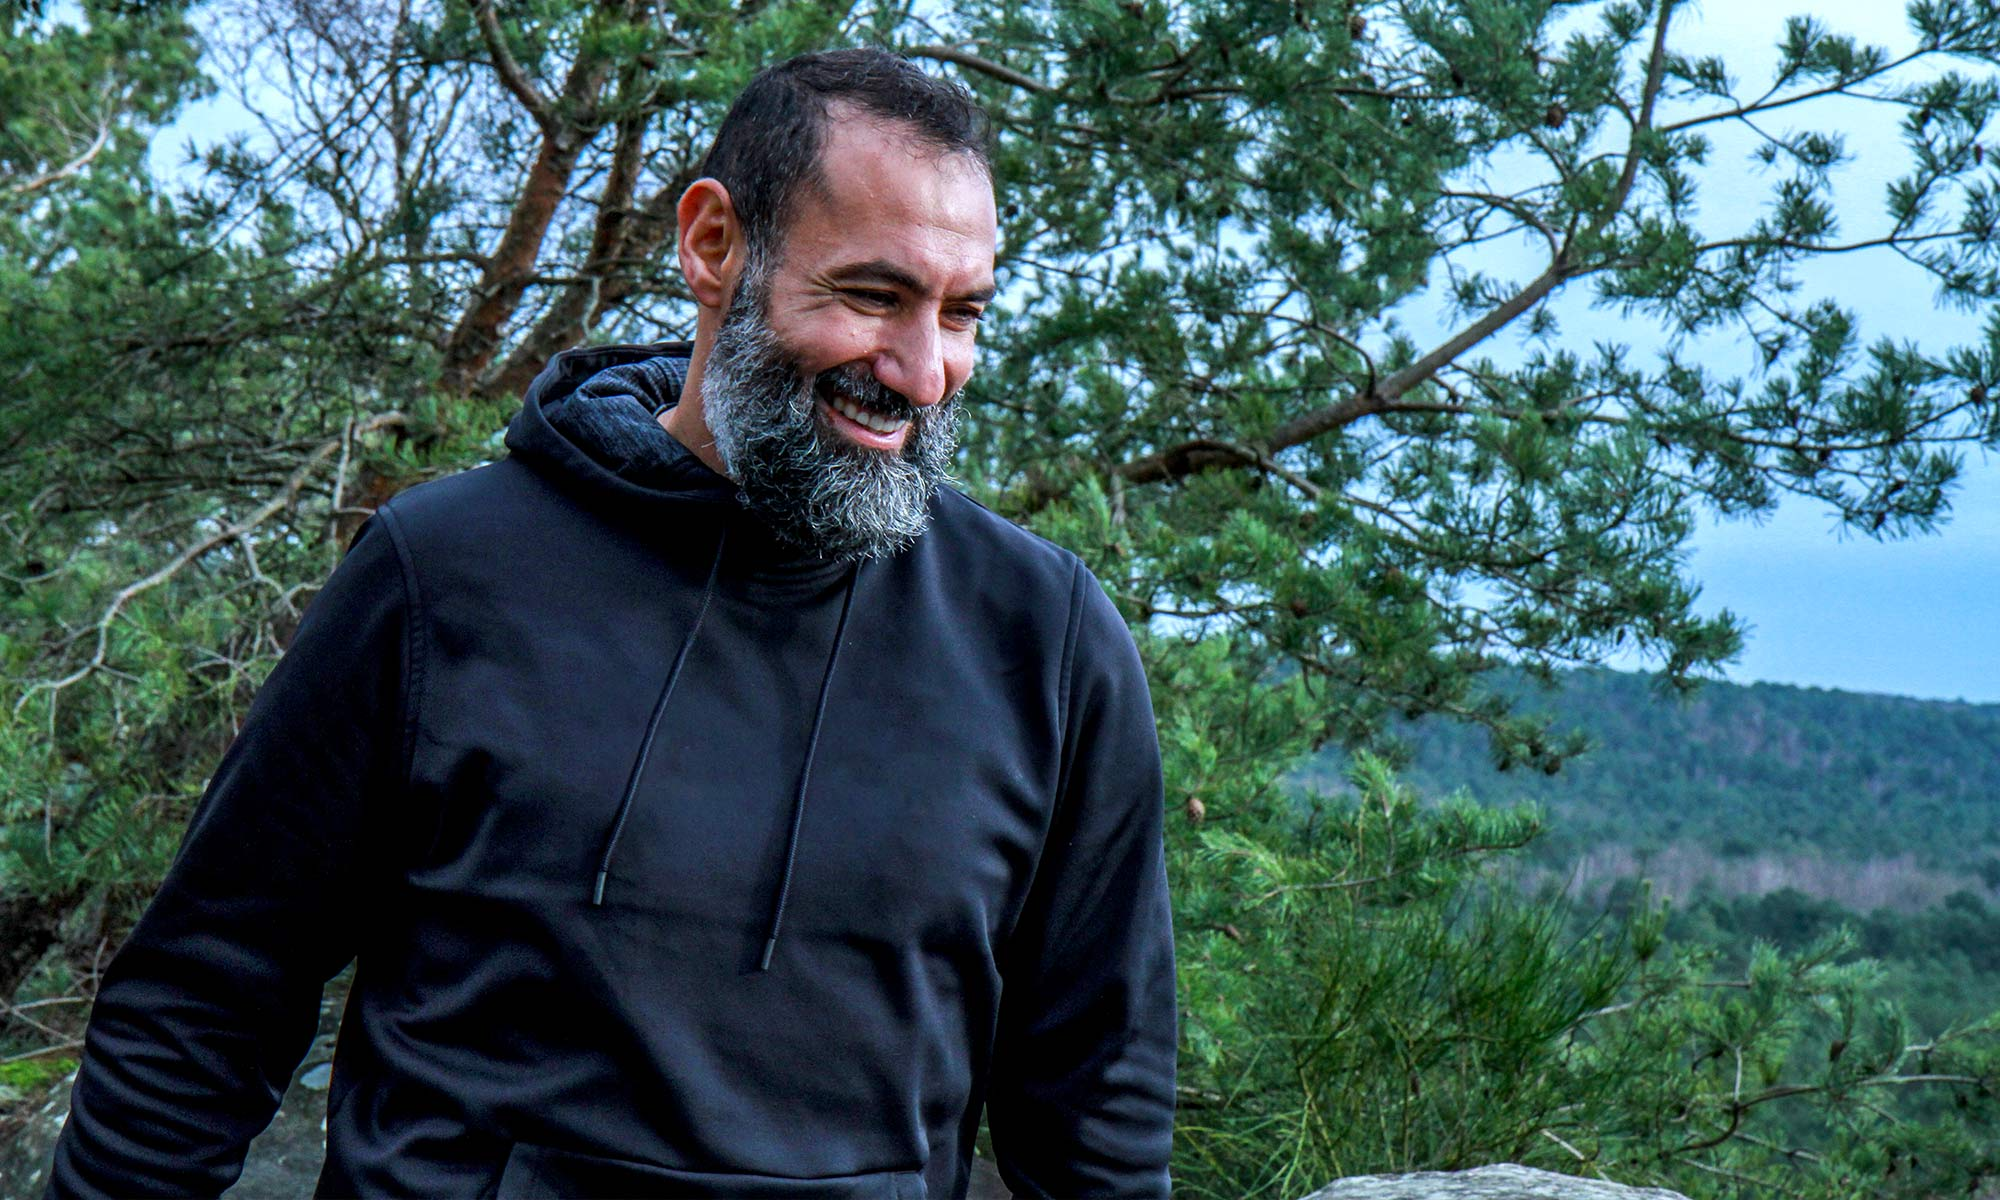 Samir Souadji de l'association APART dans la forêt de Fontainebleau